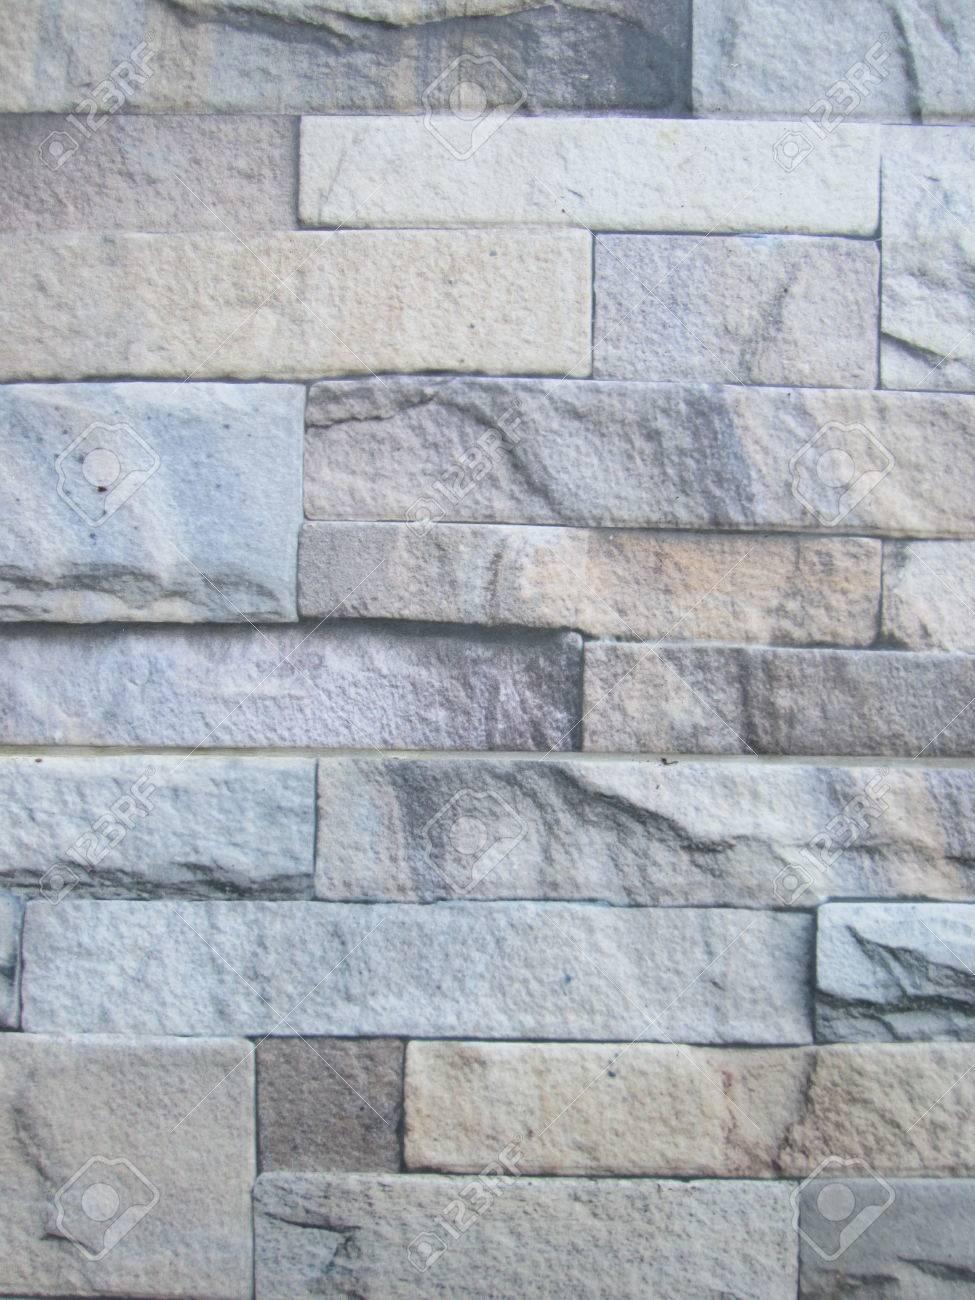 Muro Fatto In Pietra muro fatto di mattoni di arenaria come concatenazione. la pietra è stata  tagliata a pezzi con colore differente, muro diversa taglia, è molto bello.